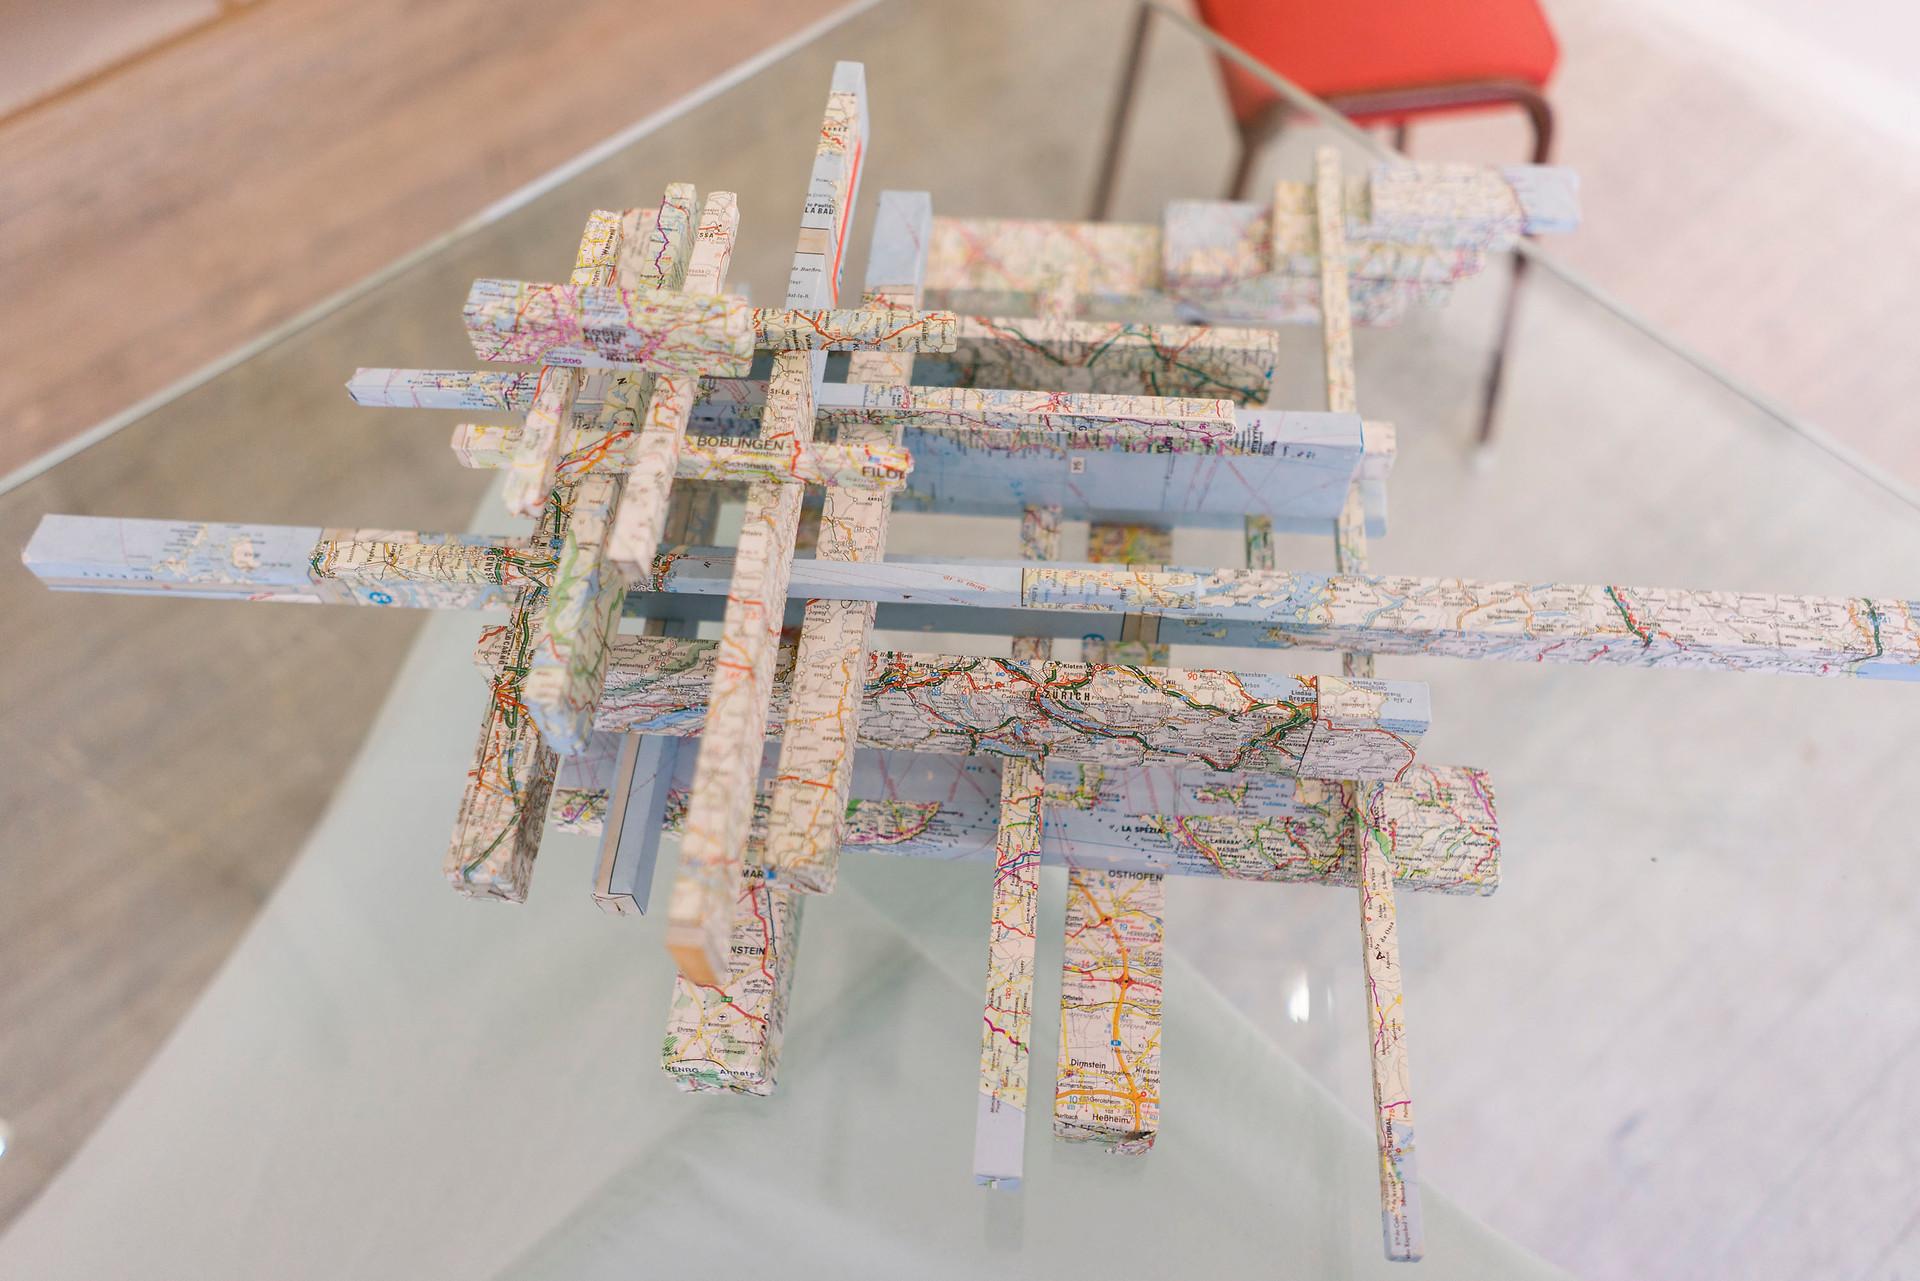 sculpture-map.jpg